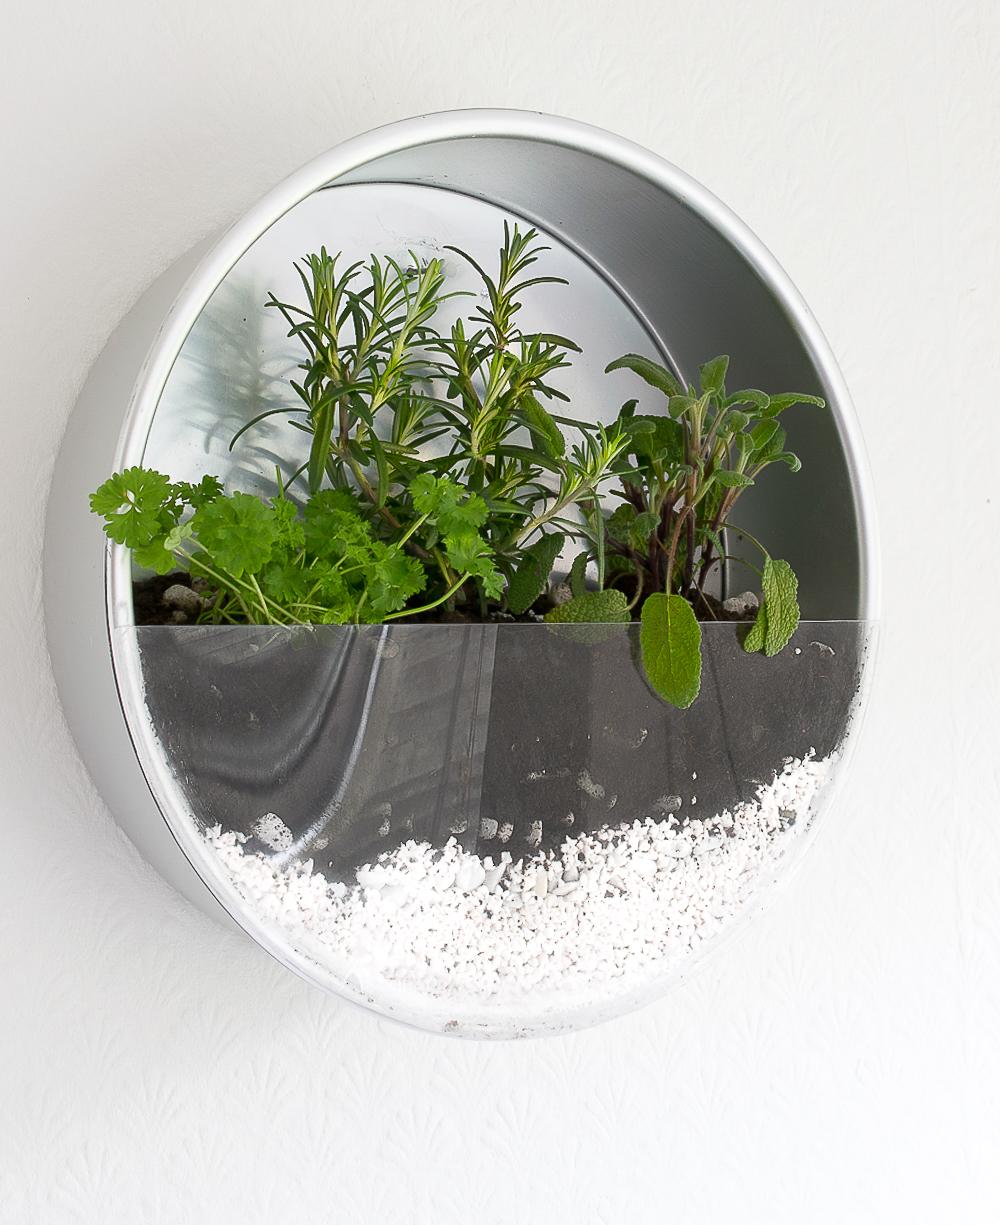 wall herb planter / grillo designs www.grillo-designs.com